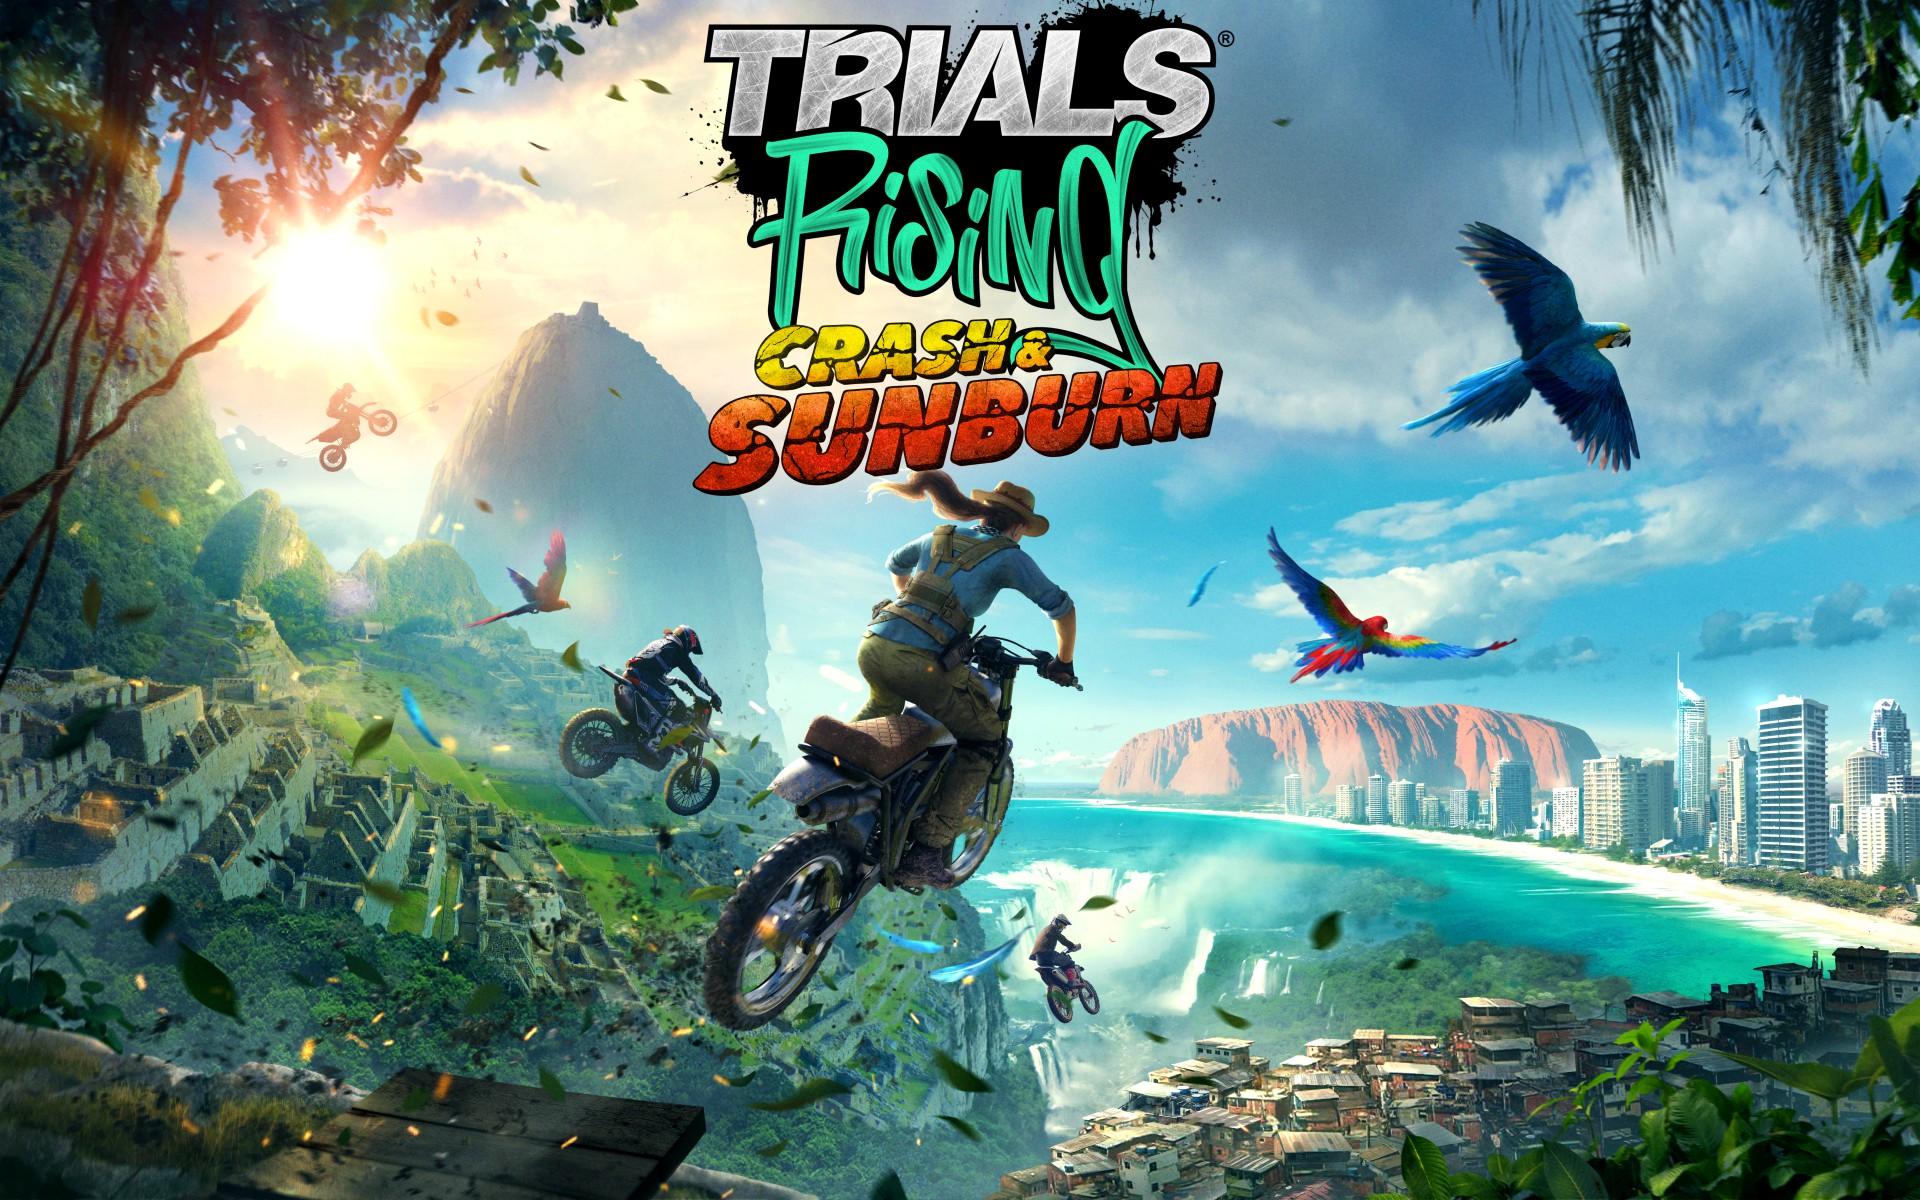 Trials_ka_CrashSunburn_GC_190820_9am_CEST_1566244572.jpg